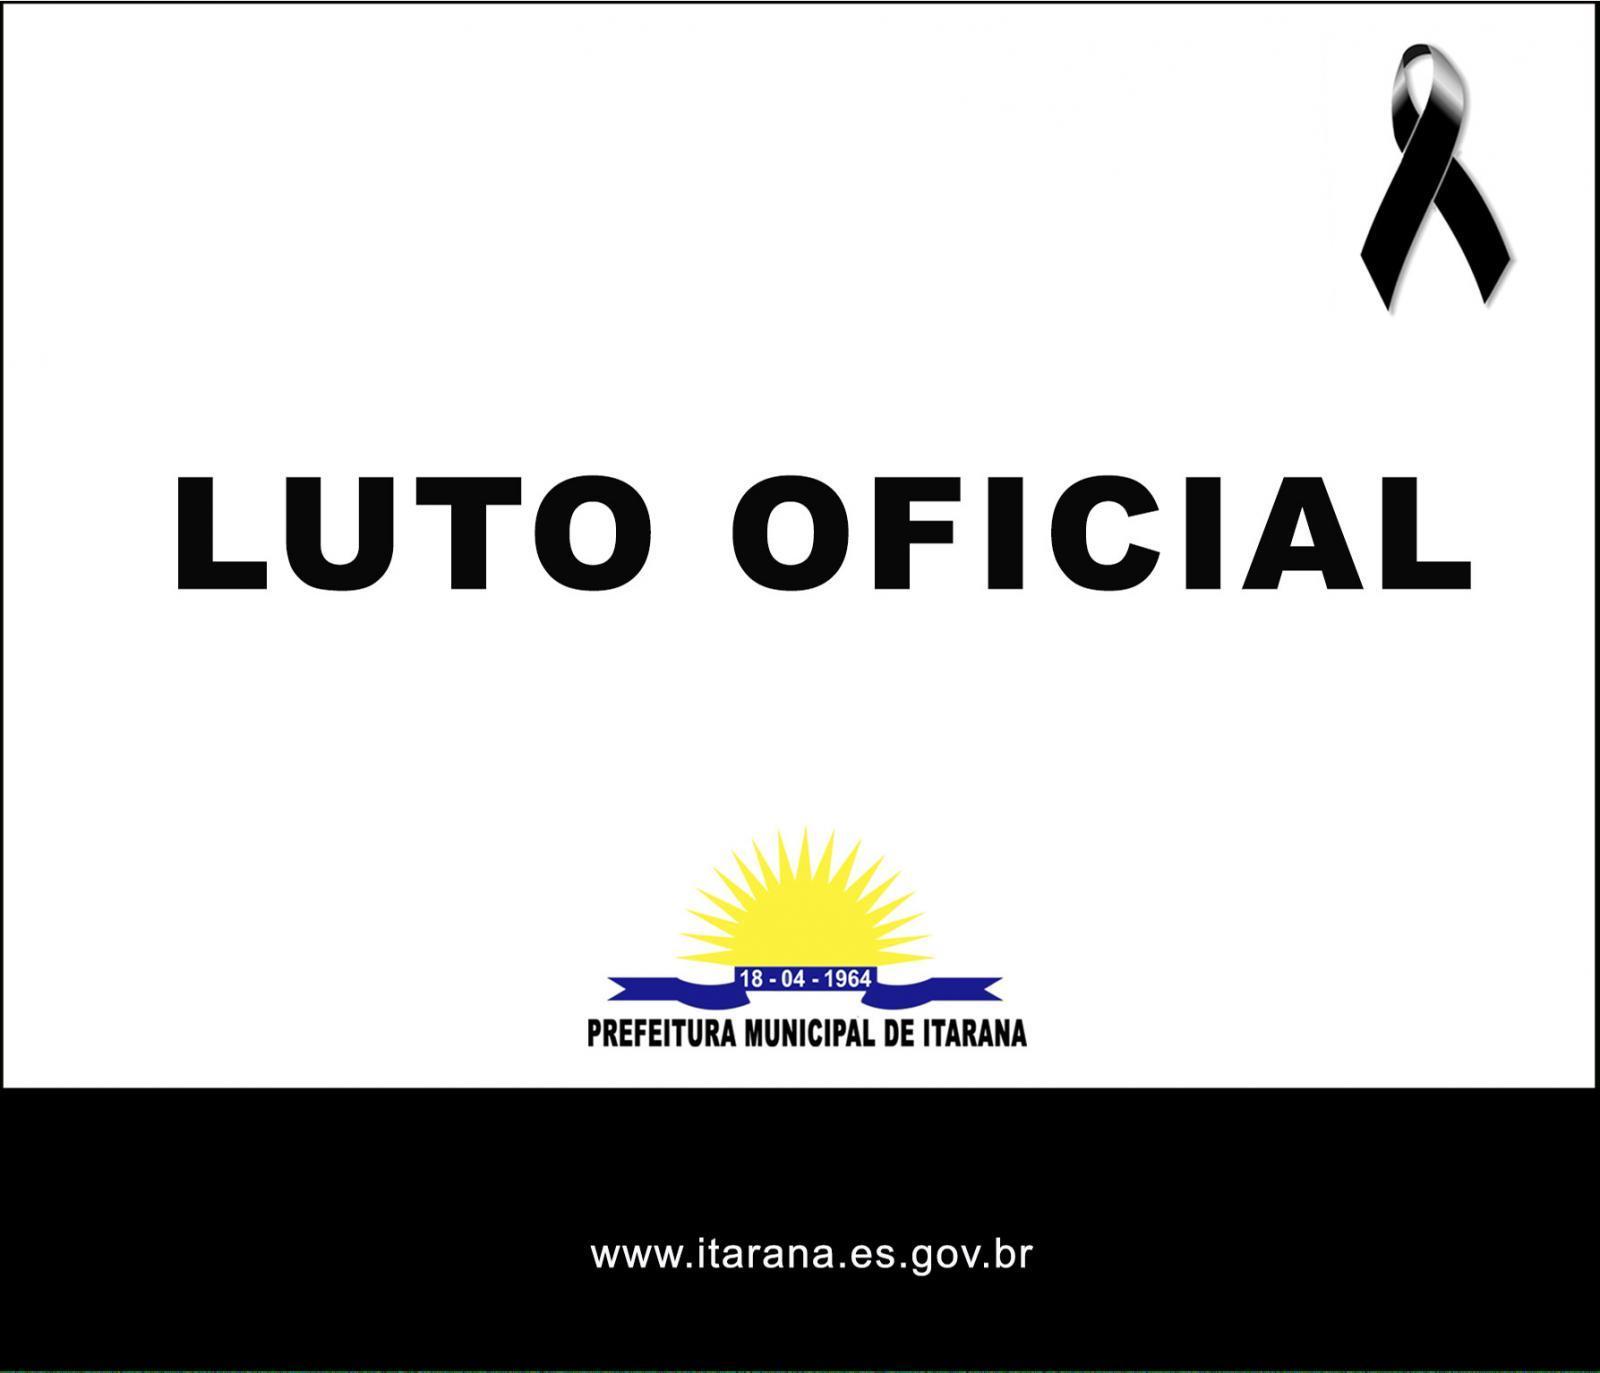 Prefeitura decreta luto oficial de três dias pelo falecimento do ex-servidor Oswaldo Campos